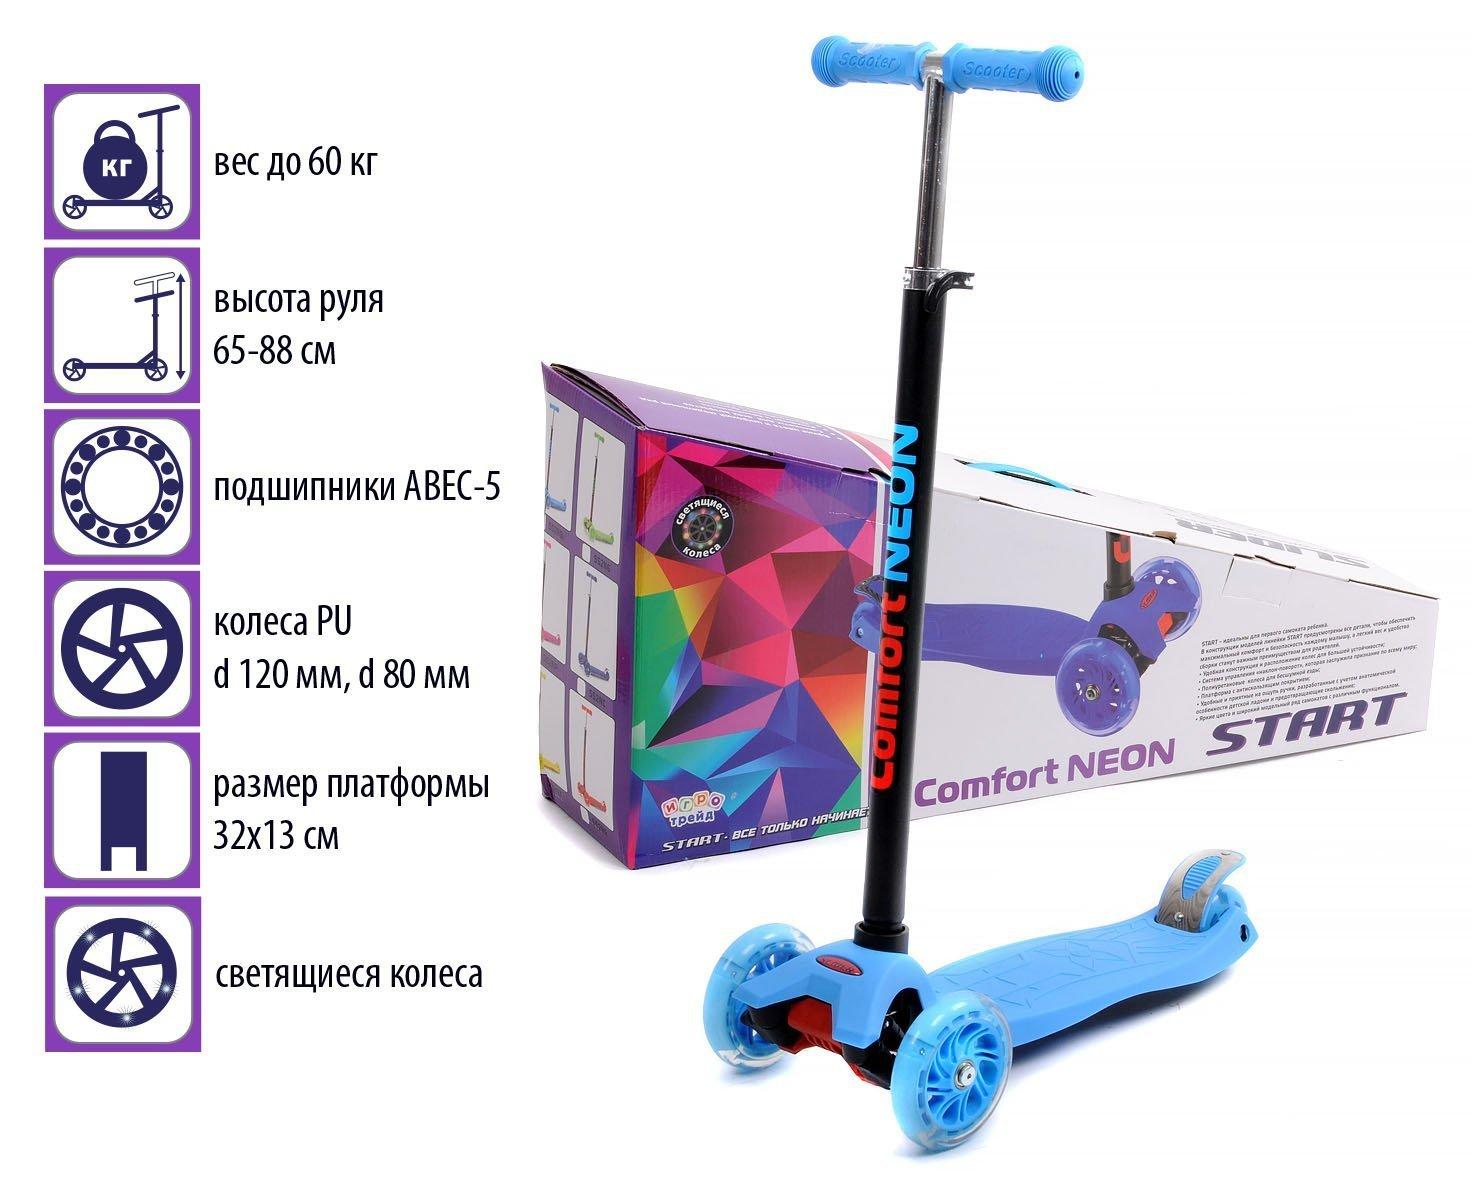 Самокат четырёхколёсный. Руль металлический с резиновой рукояткой, регулируется по высоте Высота ручки(min/max): 66-87 см. Колеса: PU, светящиеся Диаметр переднего колеса: 120 мм. Диаметр заднего колеса: 80 мм.( сдвоенное- 2 шт.) Подшипники: ABEC-5 Платформа: РР+нейлон, размеры 55*14 см. Максимальная нагрузка: 60 кг. Возраст: от 2-х лет Цвет- синий, яркий, неоновый.